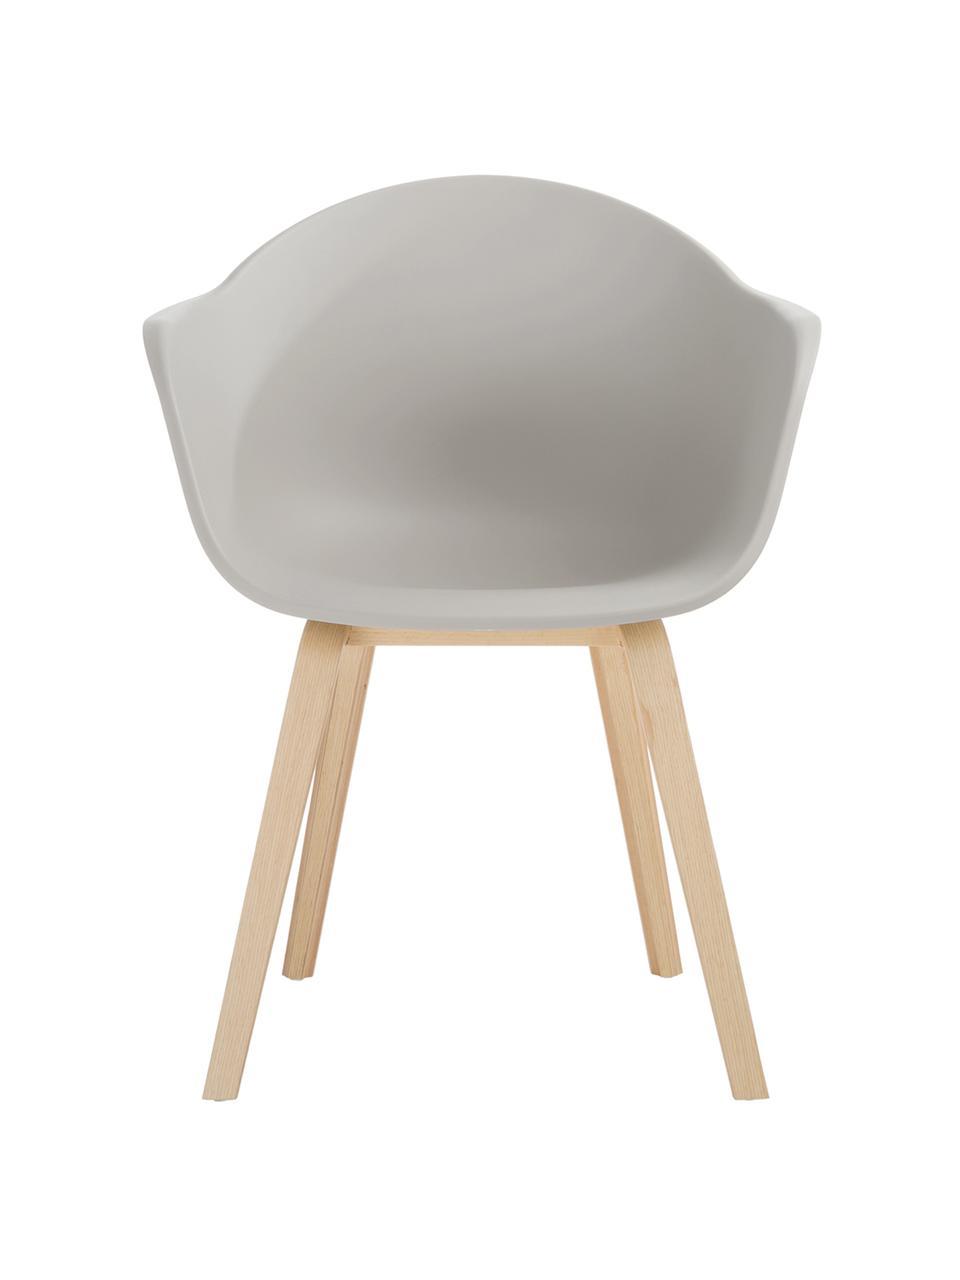 Chaise à accoudoirs Claire, Gris-beige Pieds: bois de hêtre